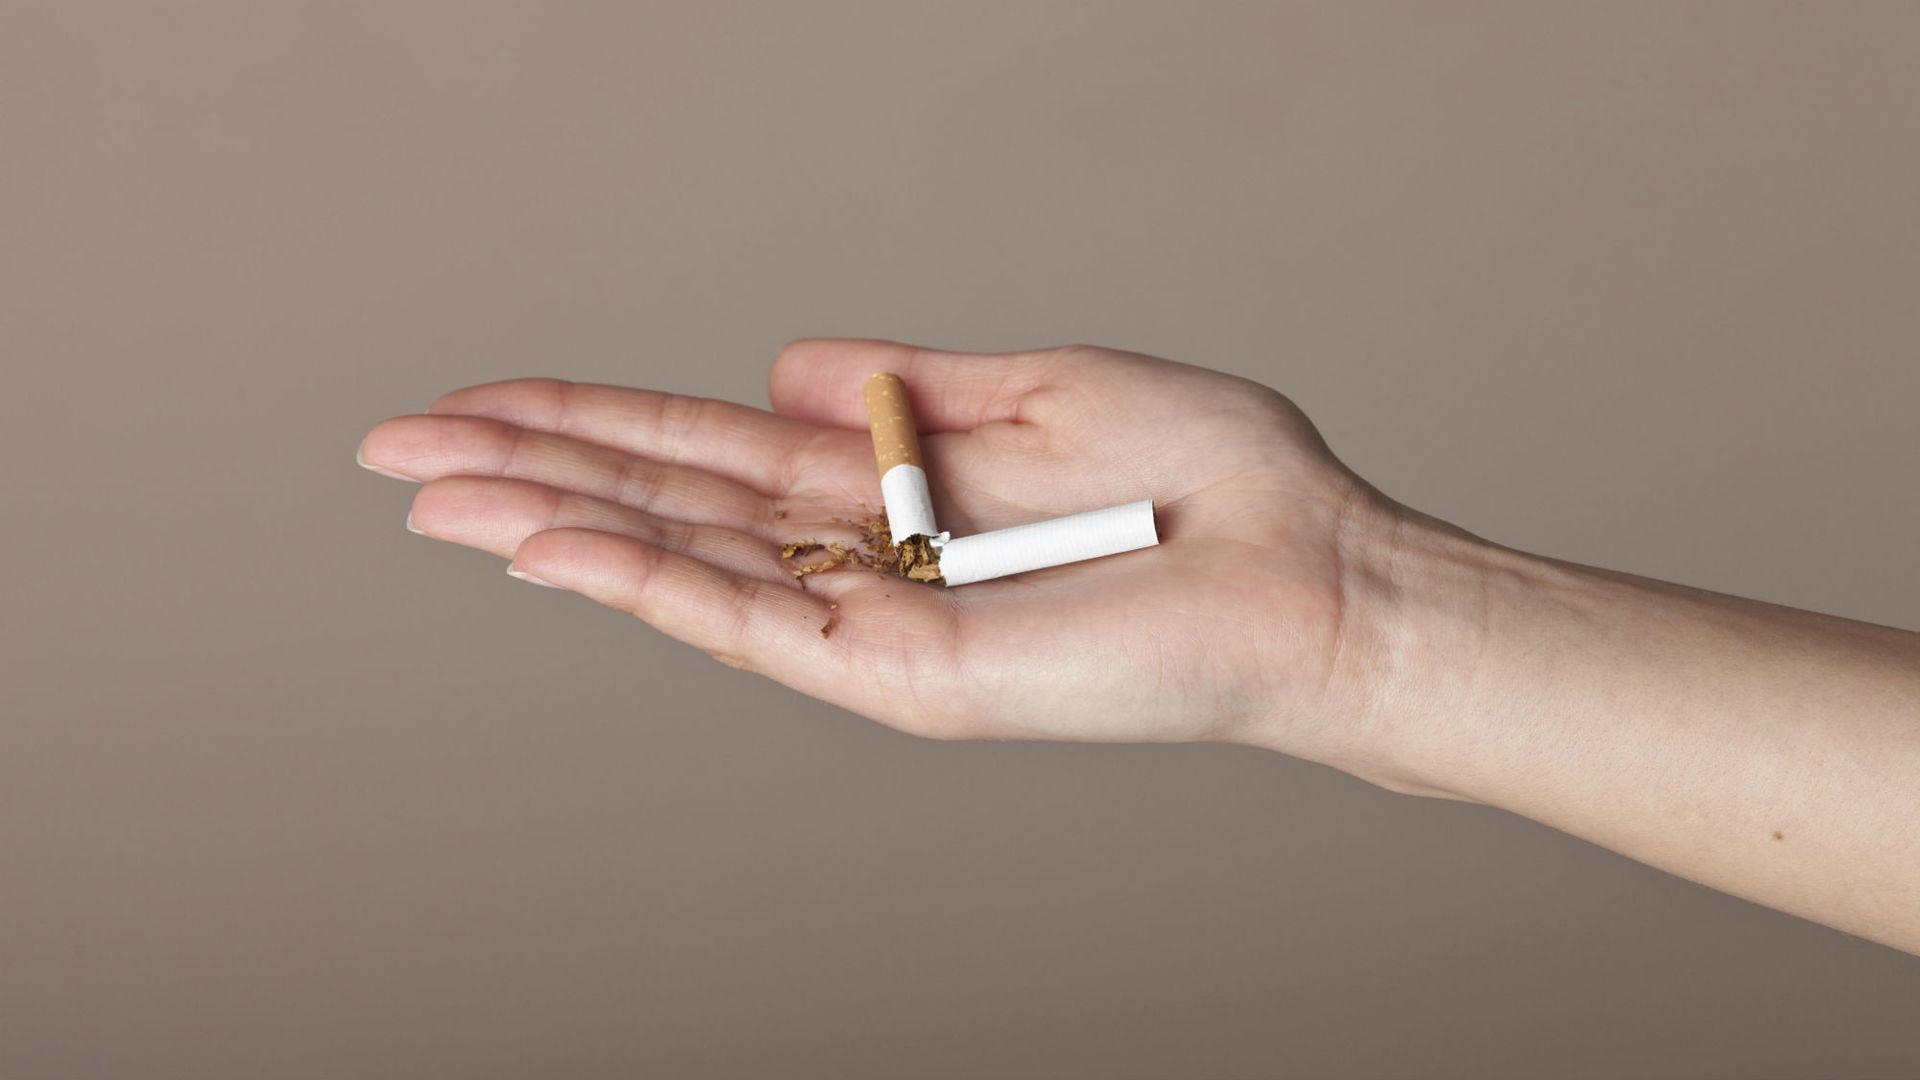 Третичное курение воздействует сильнее, чем считалось